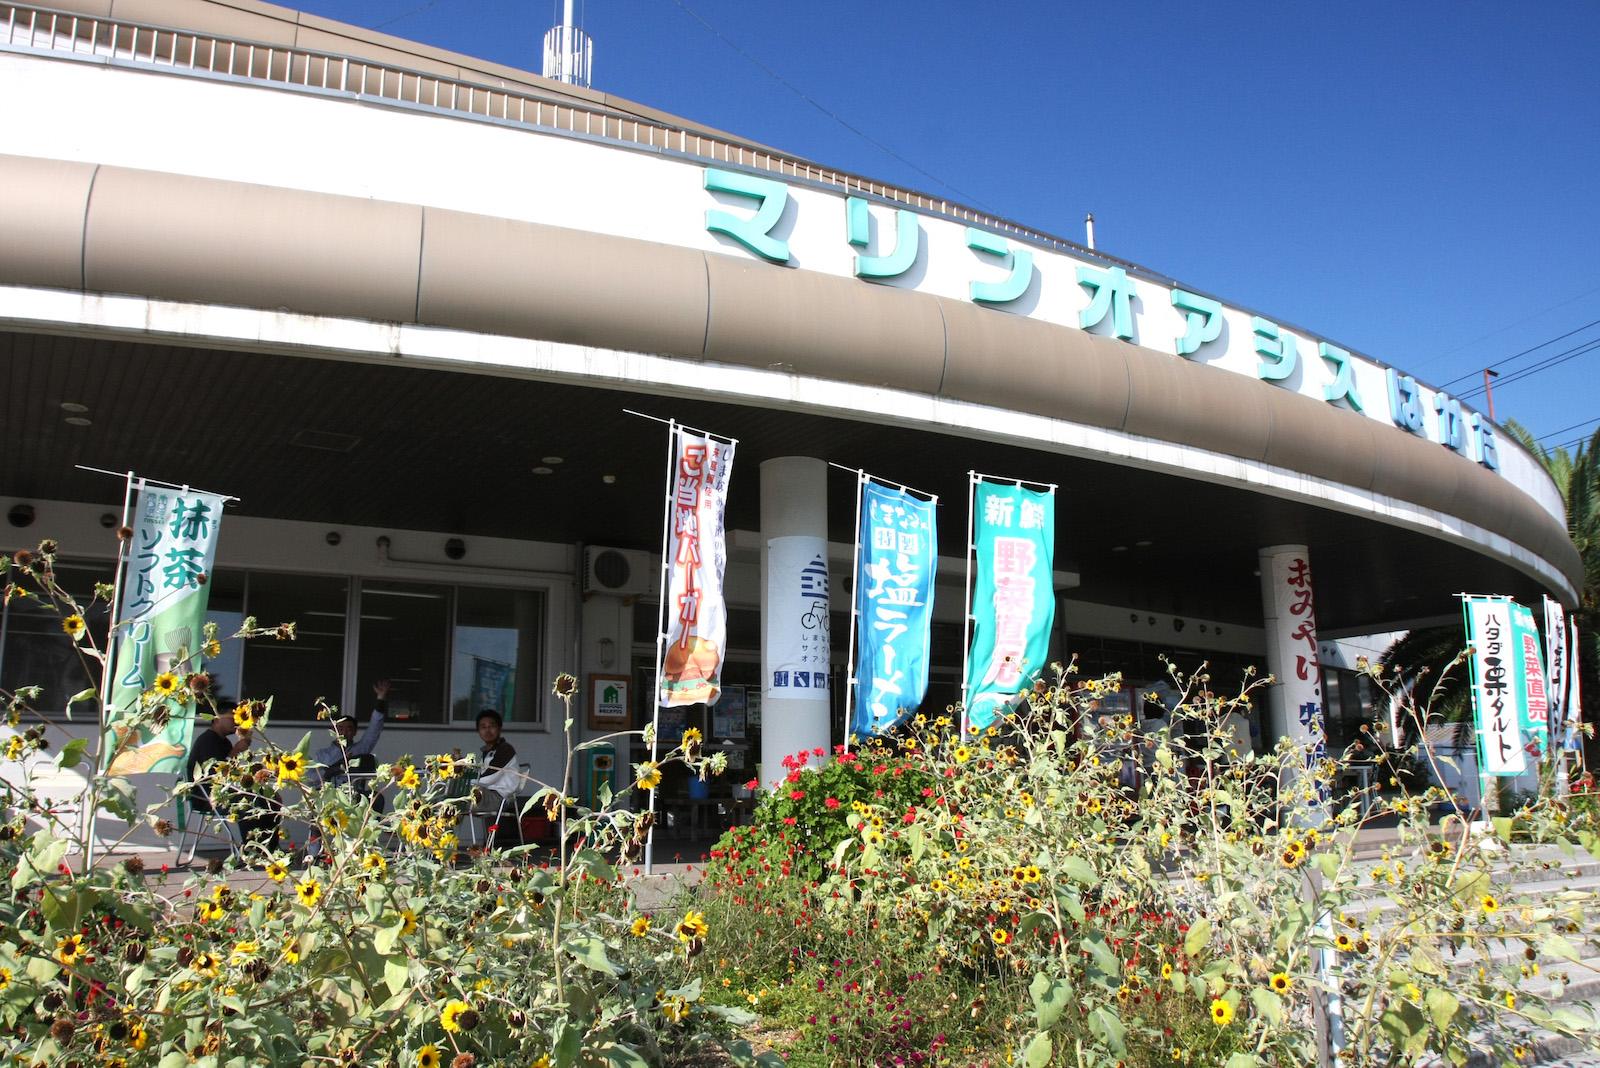 道の駅伯方S・Cパーク(伯方レンタサイクルターミナル)